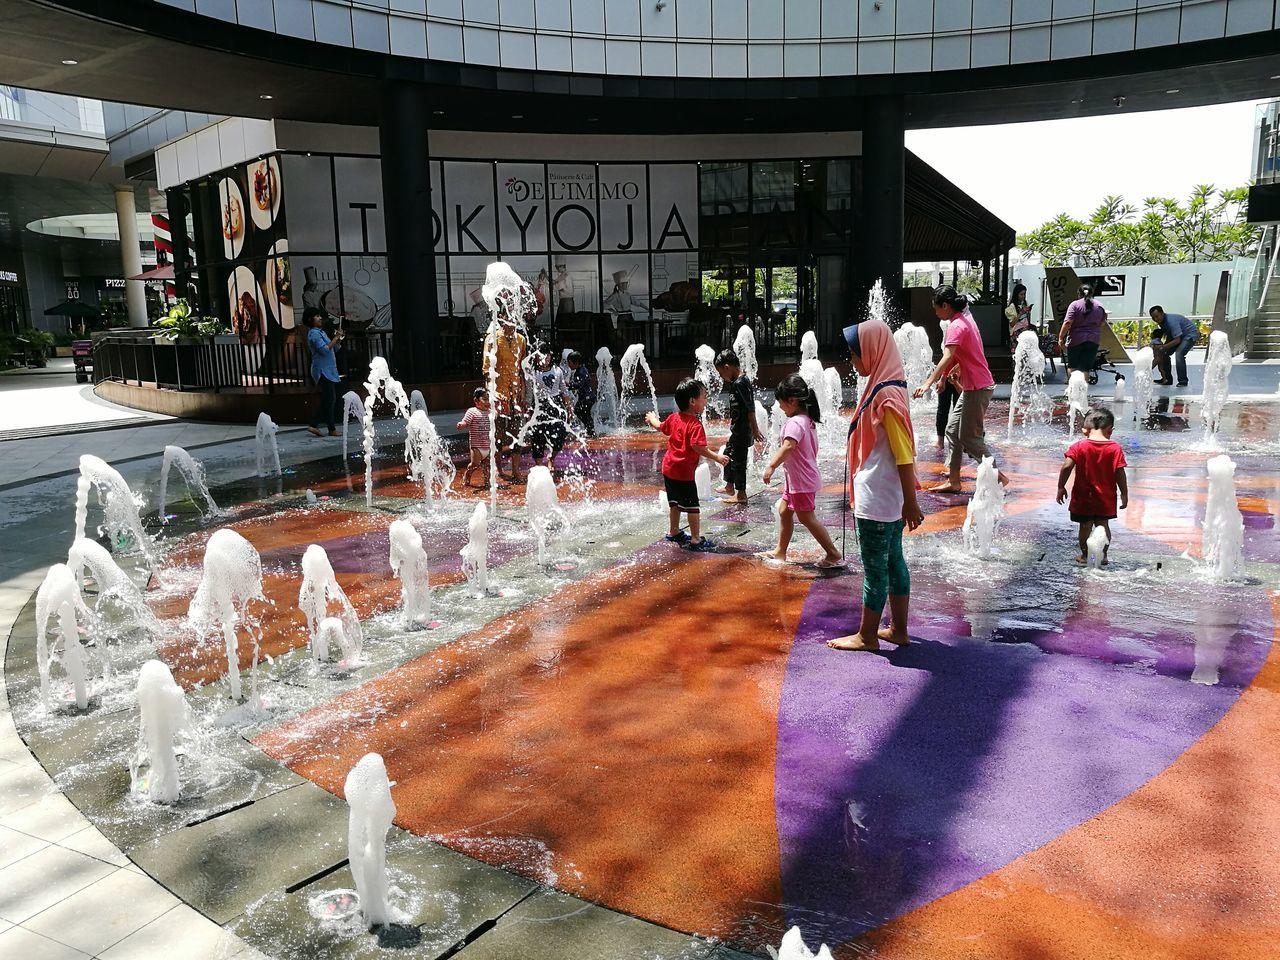 Have fun 😇😇😇 Water Outdoors P9huawei Leicalens Fun 2017 Vacation INDONESIA Aeonmall Bsd Free Spirit Wet EyeEm Gallery WeekOnEyeEm